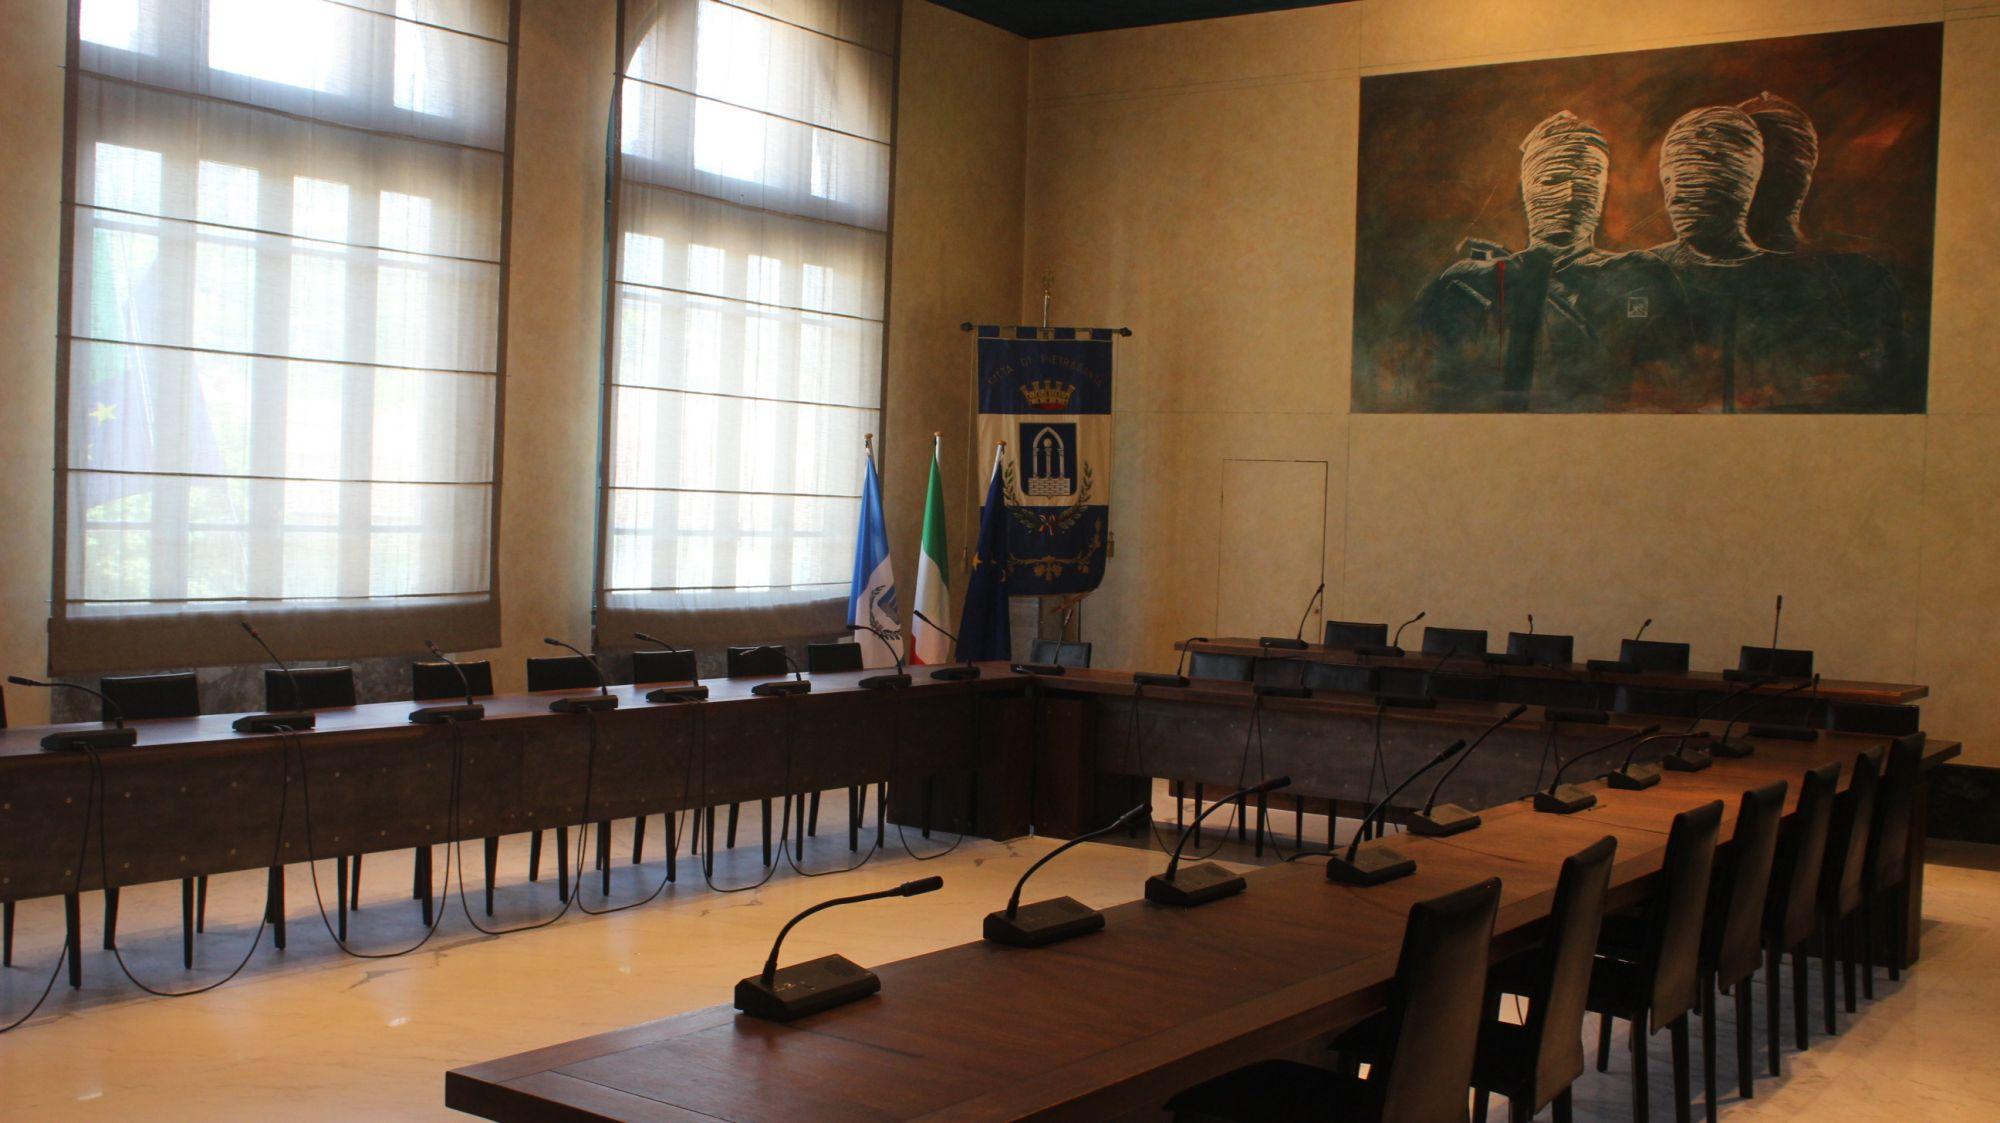 Regolamento per contrastare evasione fiscale,  piano alienazioni e mense: convocato il consiglio comunale